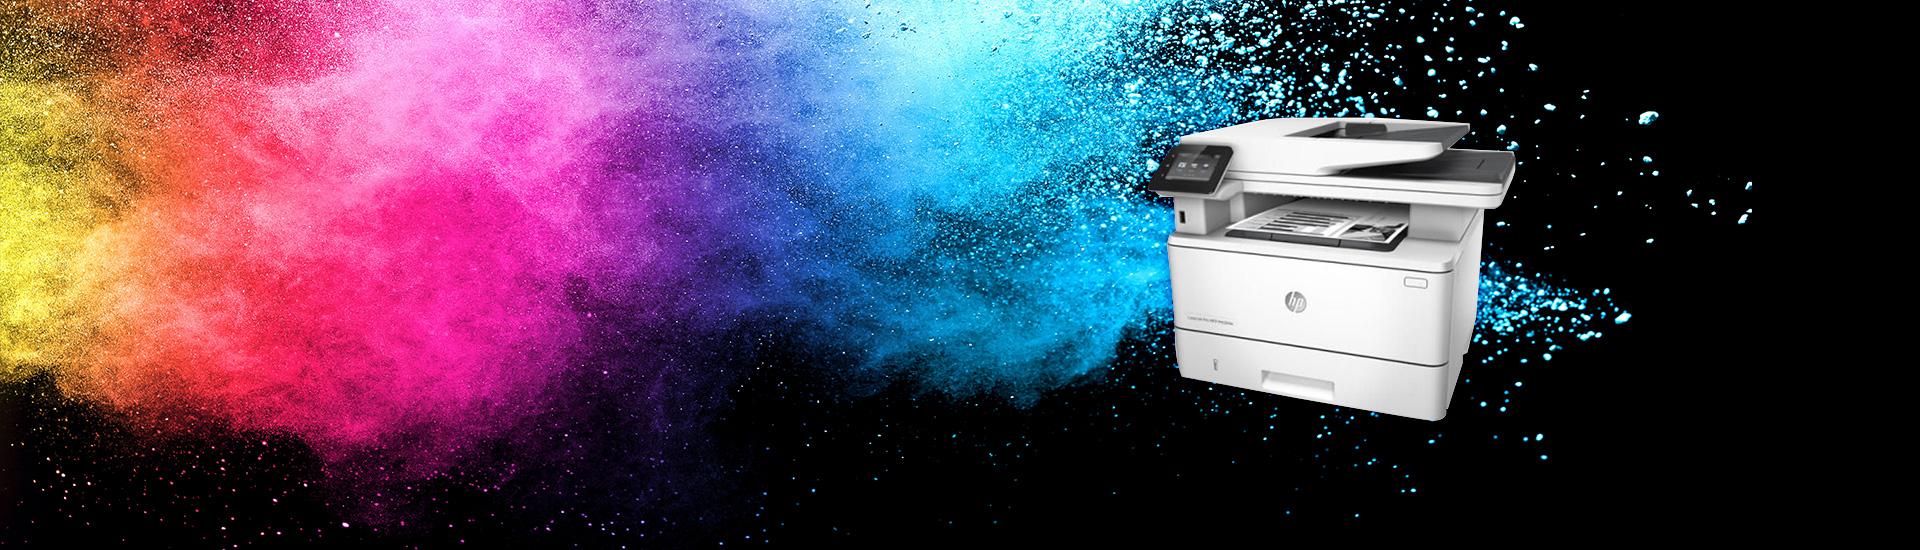 €349 για έναν εκτυπωτή HP